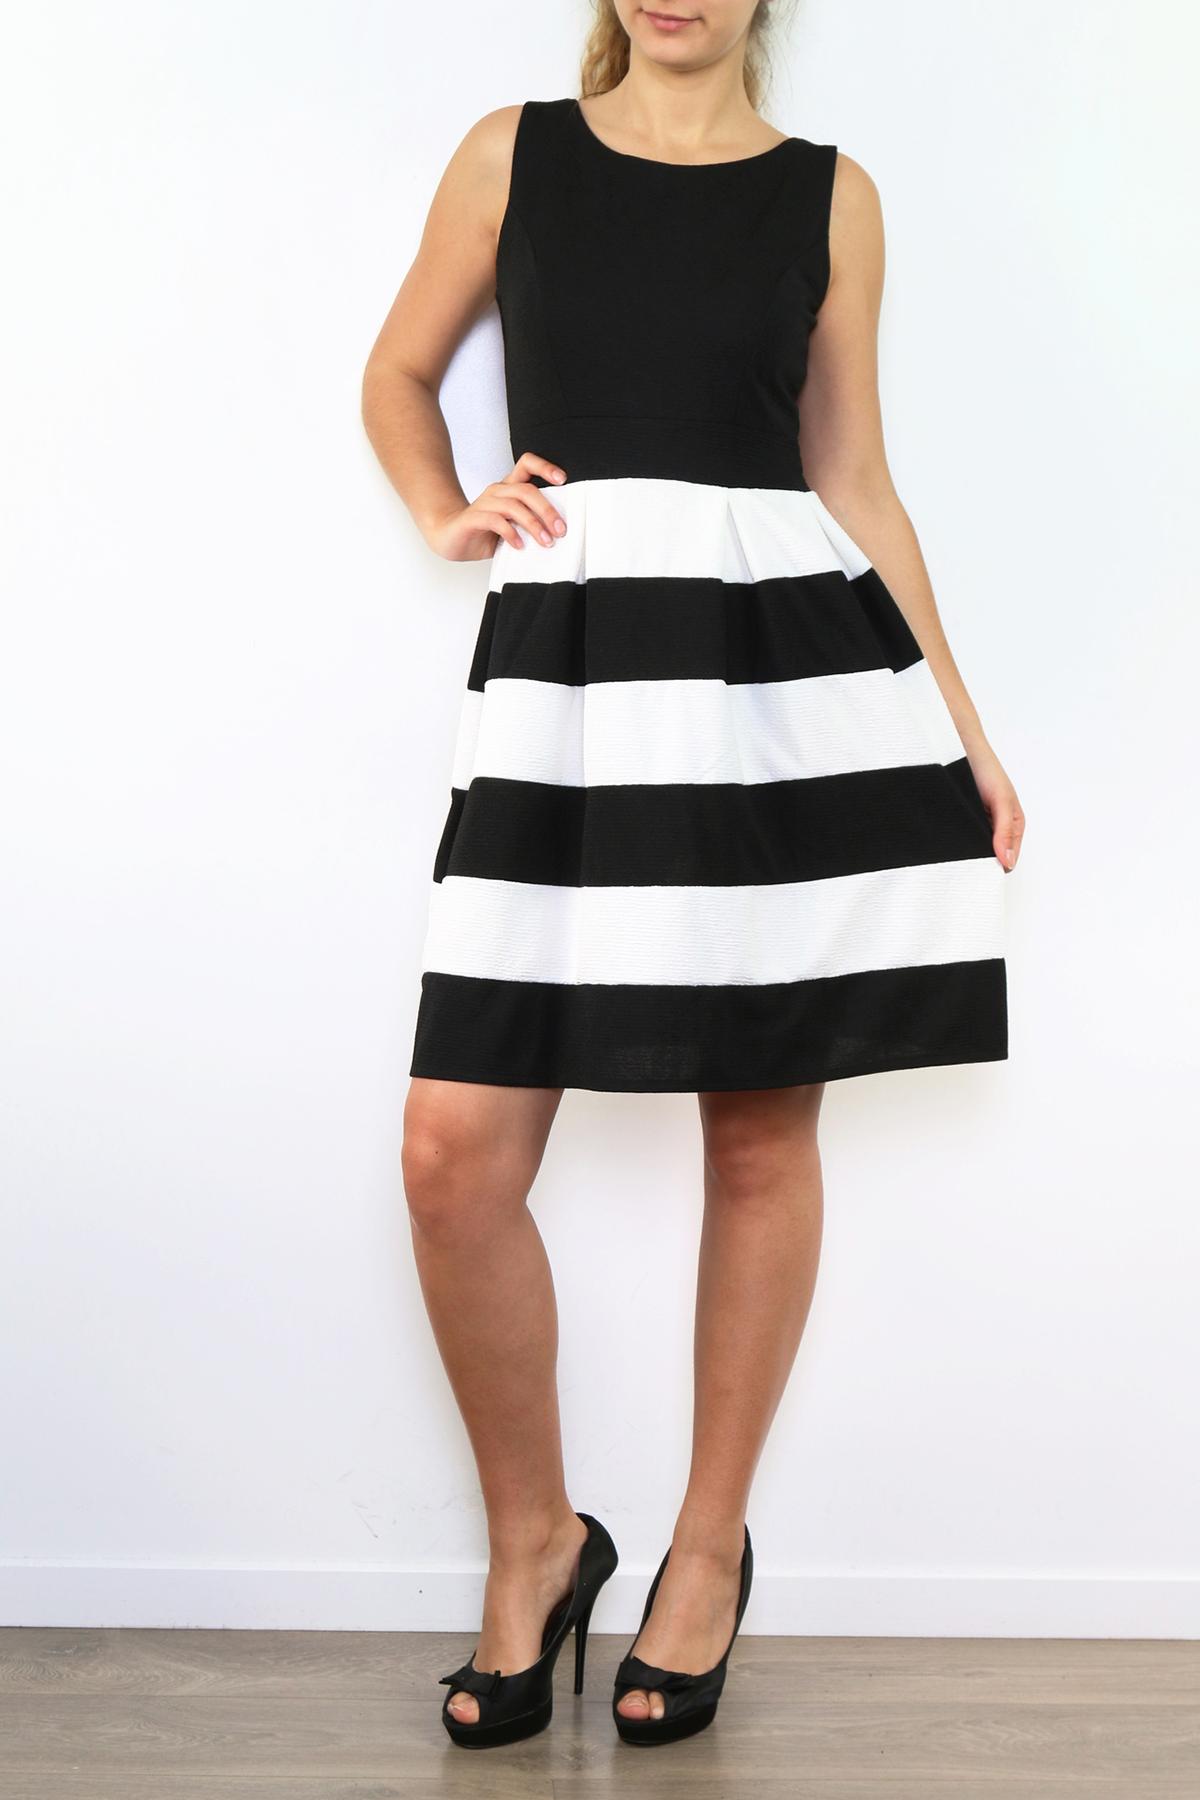 Musta-valkoraidallinen mekko 00005 etu